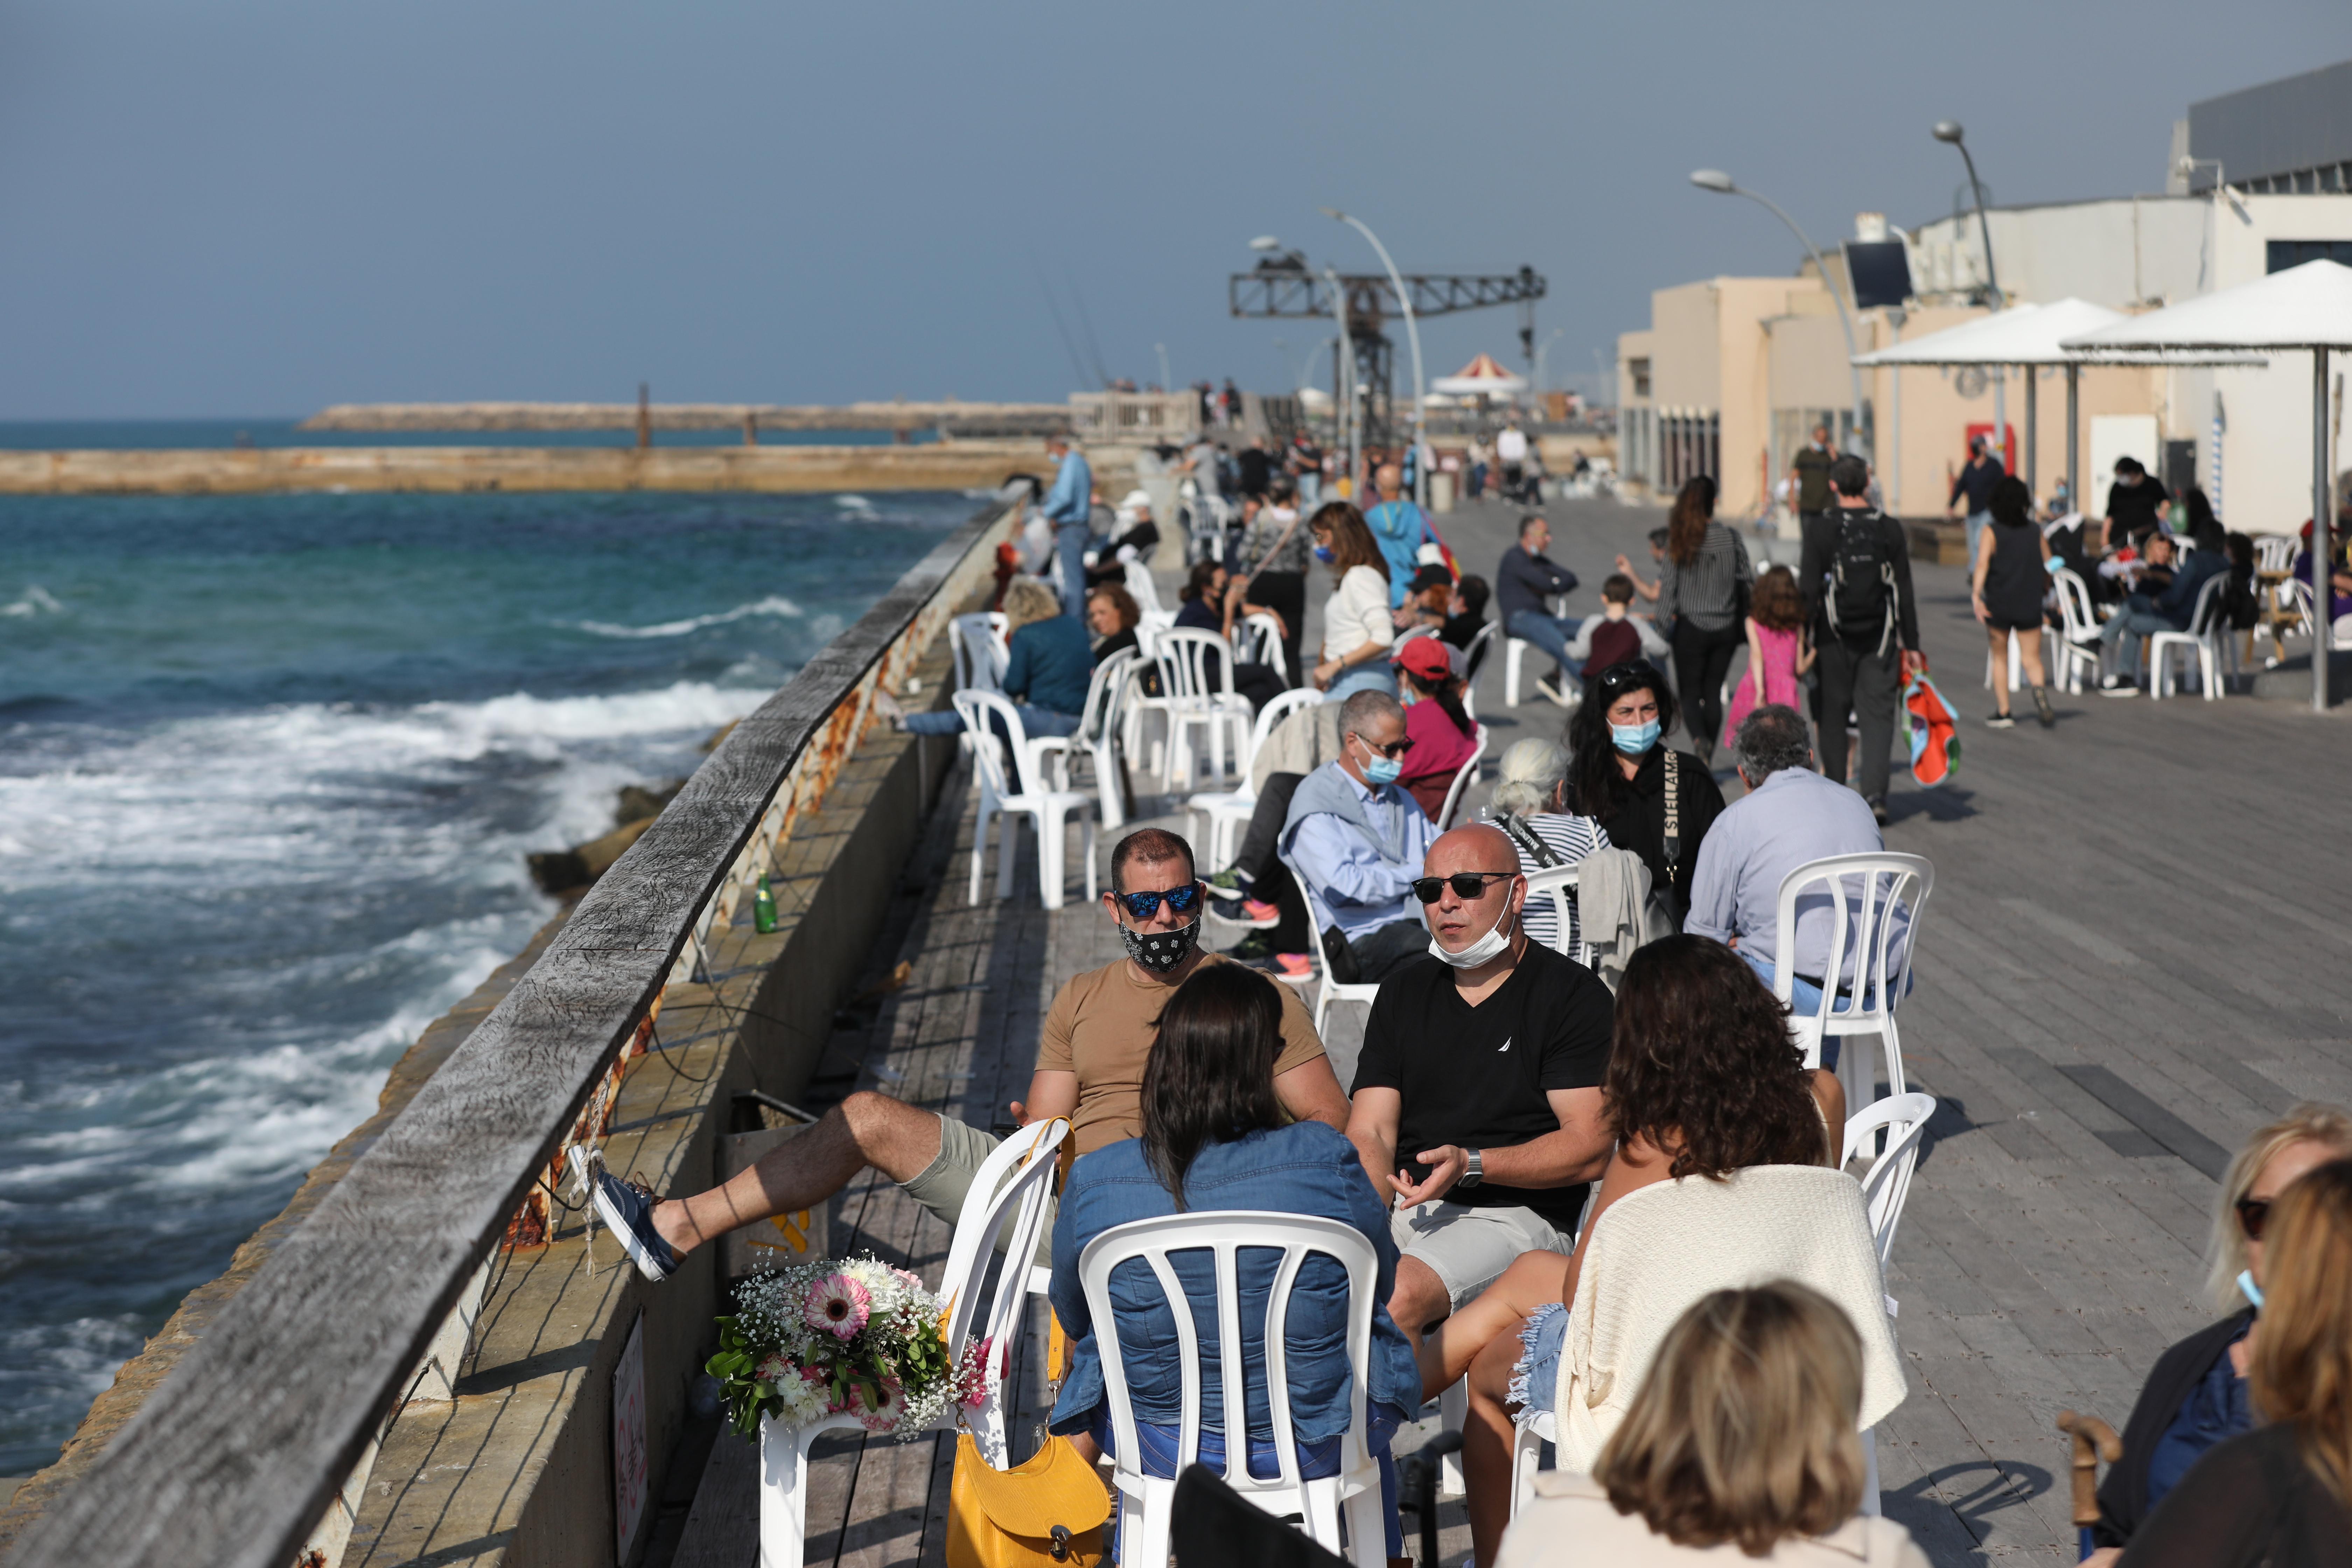 İsrail'de karantina tedbirleri gevşetildi